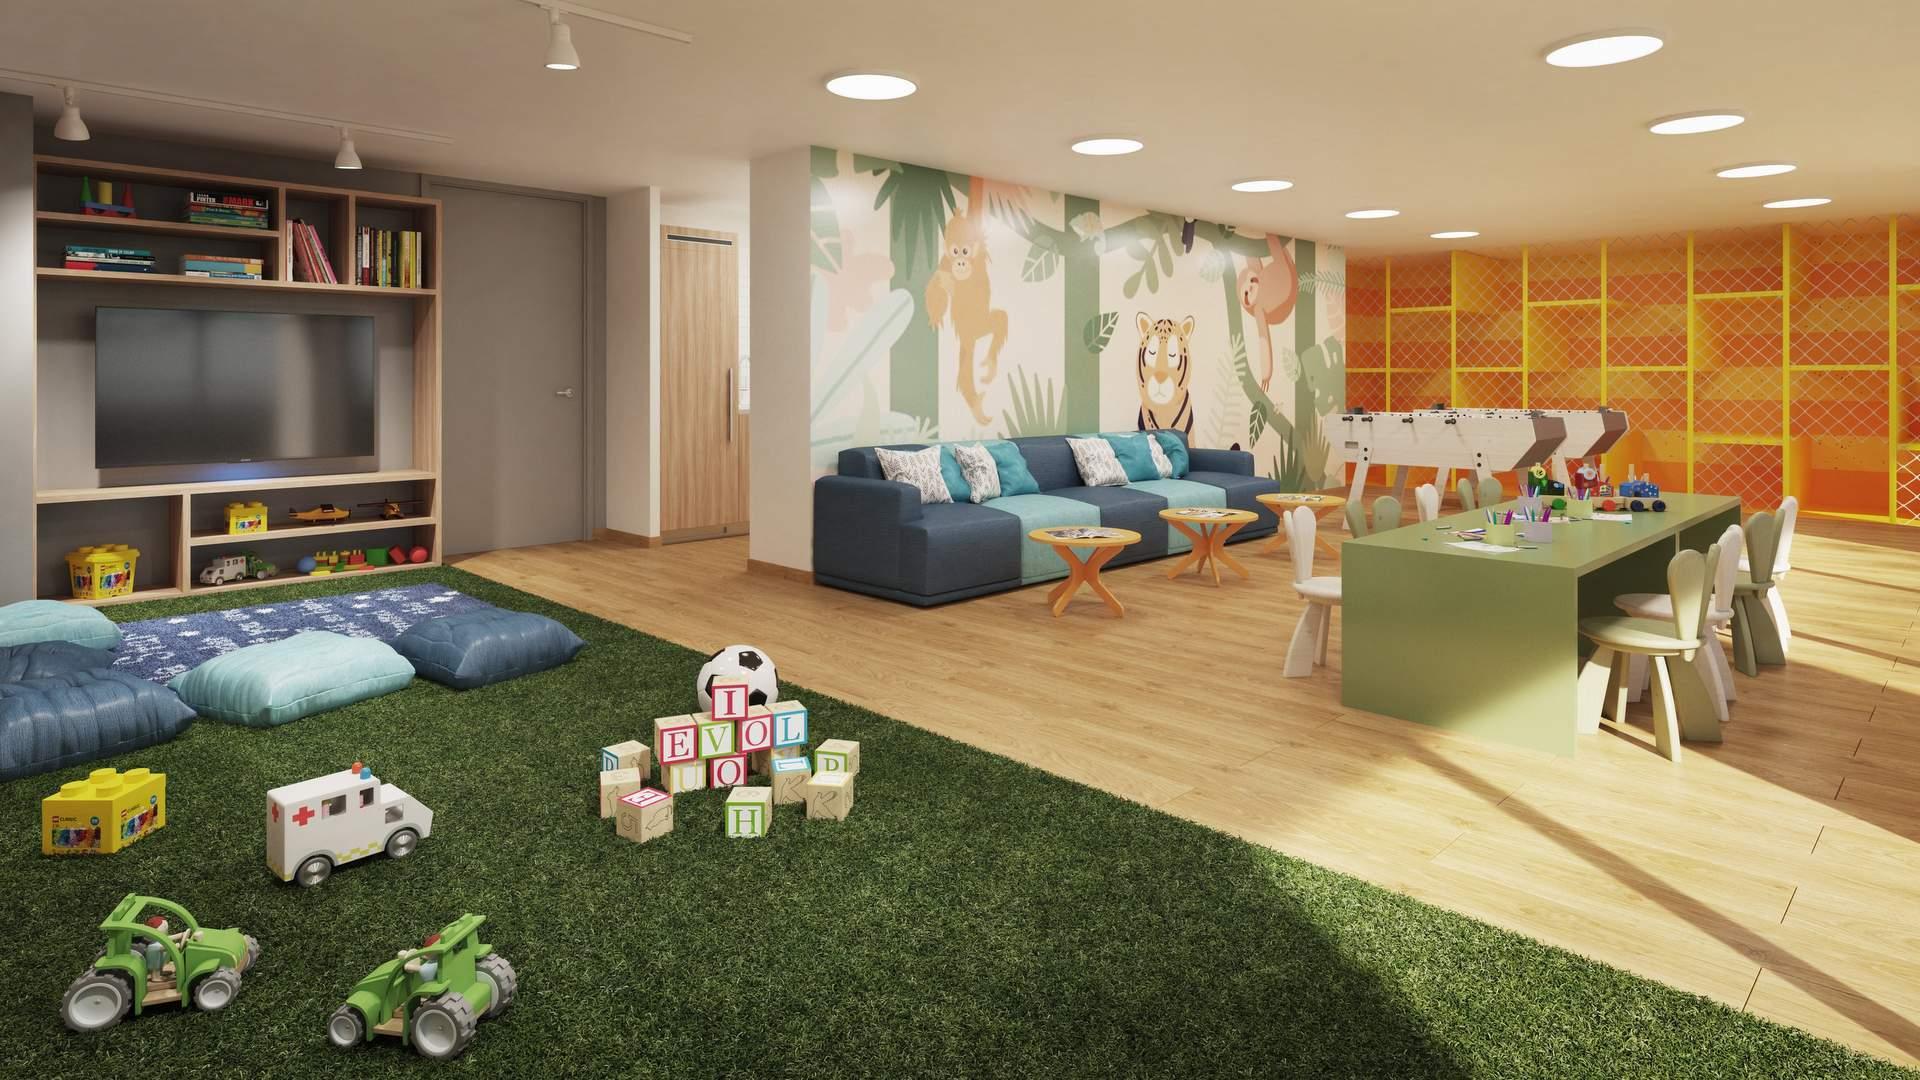 Departamento con niños: ¿cómo hacer una sala común infantil?